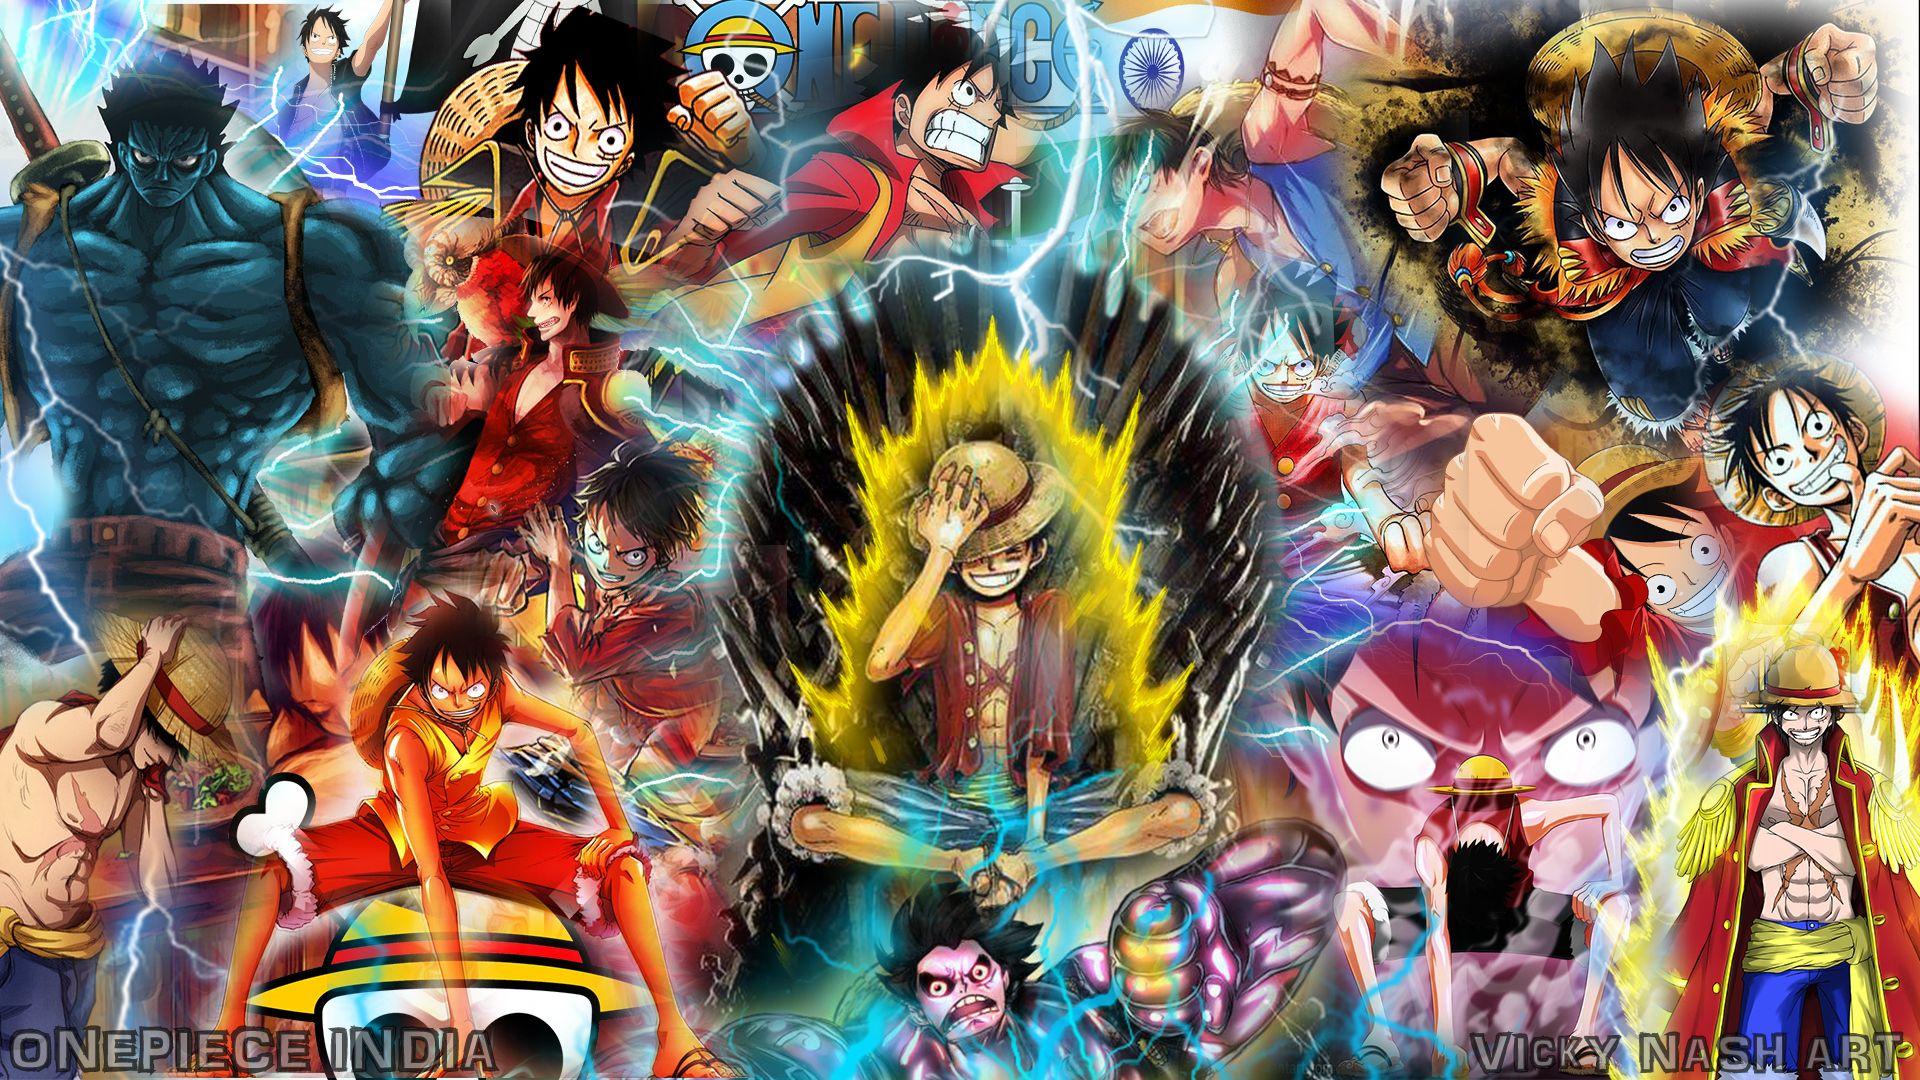 Goku Naruto Luffy Wallpaper